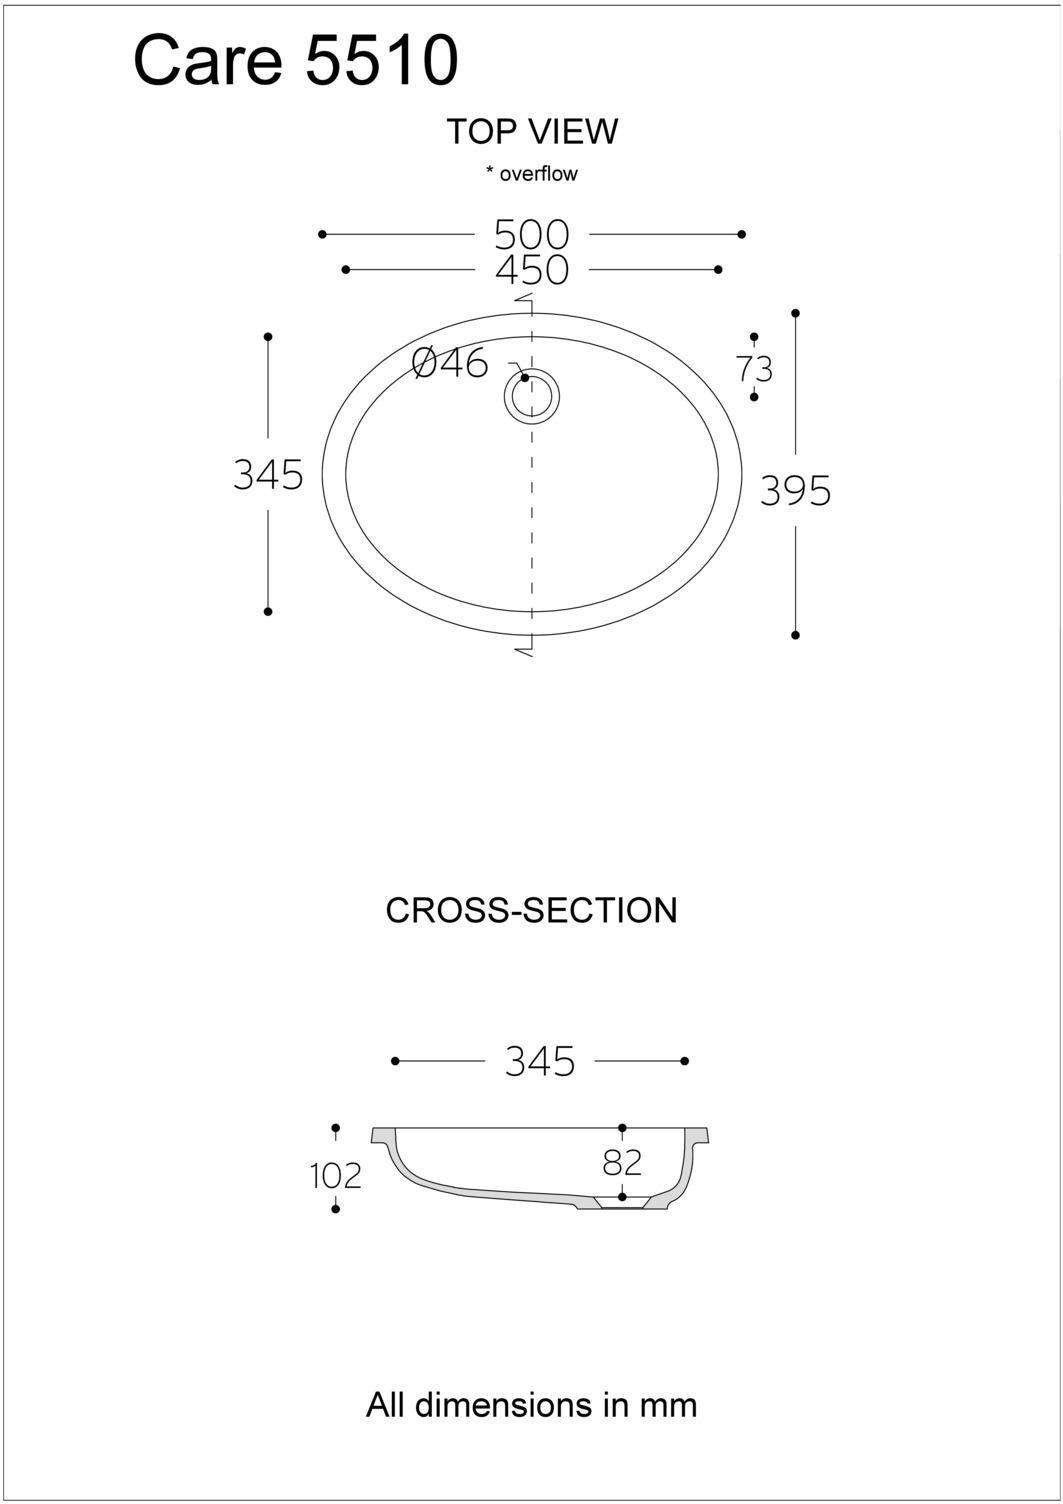 DUPONT_CORIAN_CARE5510_2D_PDF[0]